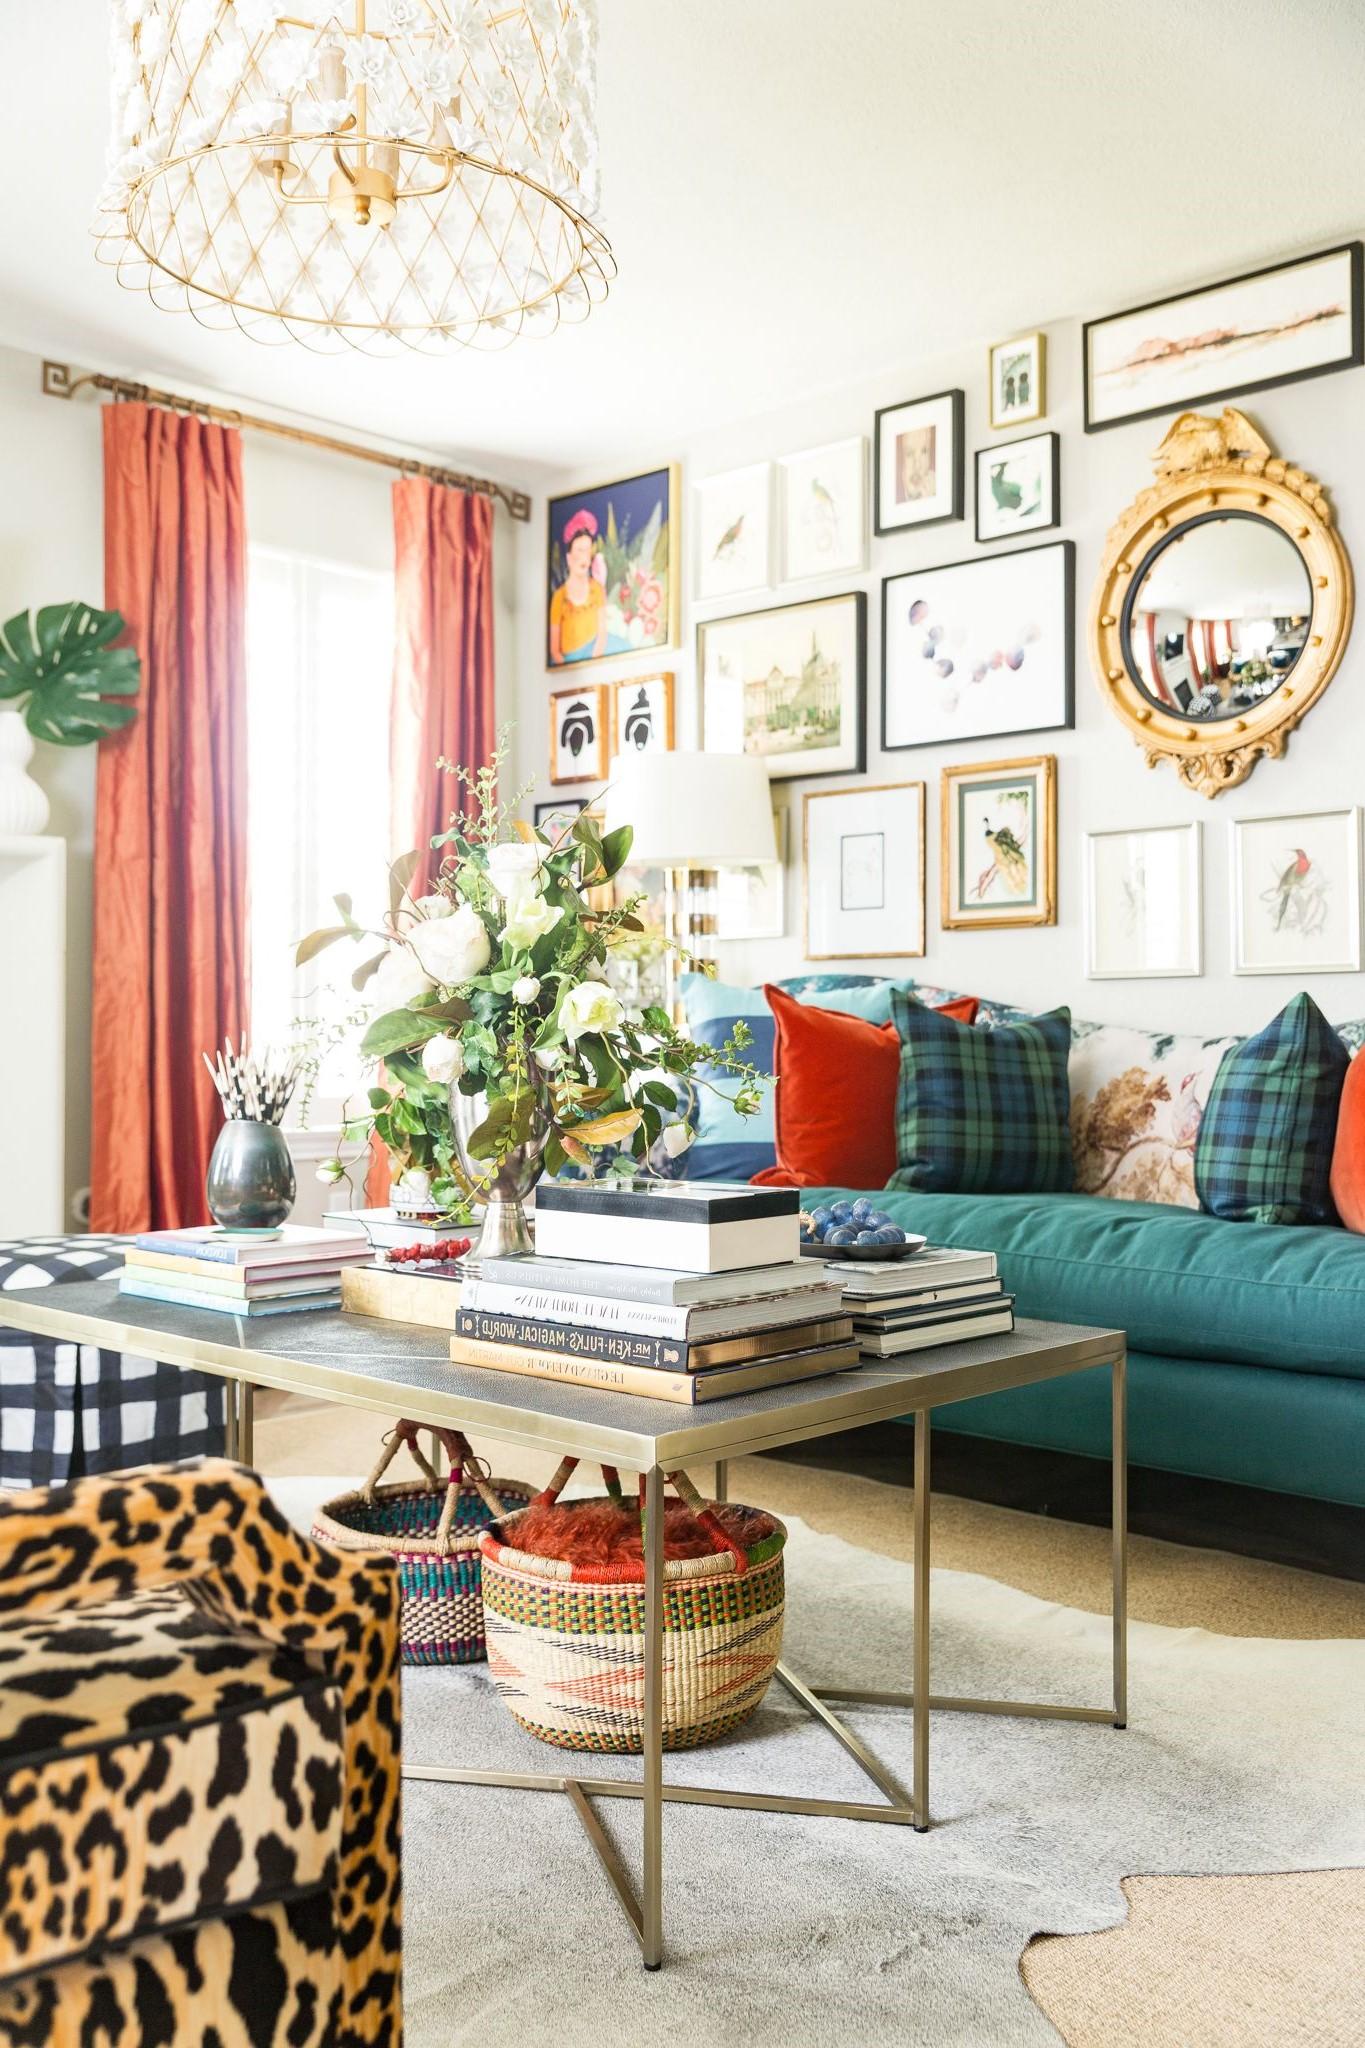 Le secret de cette tendance est de trouver un équilibre malgré les différentes couleurs et tailles du décor.